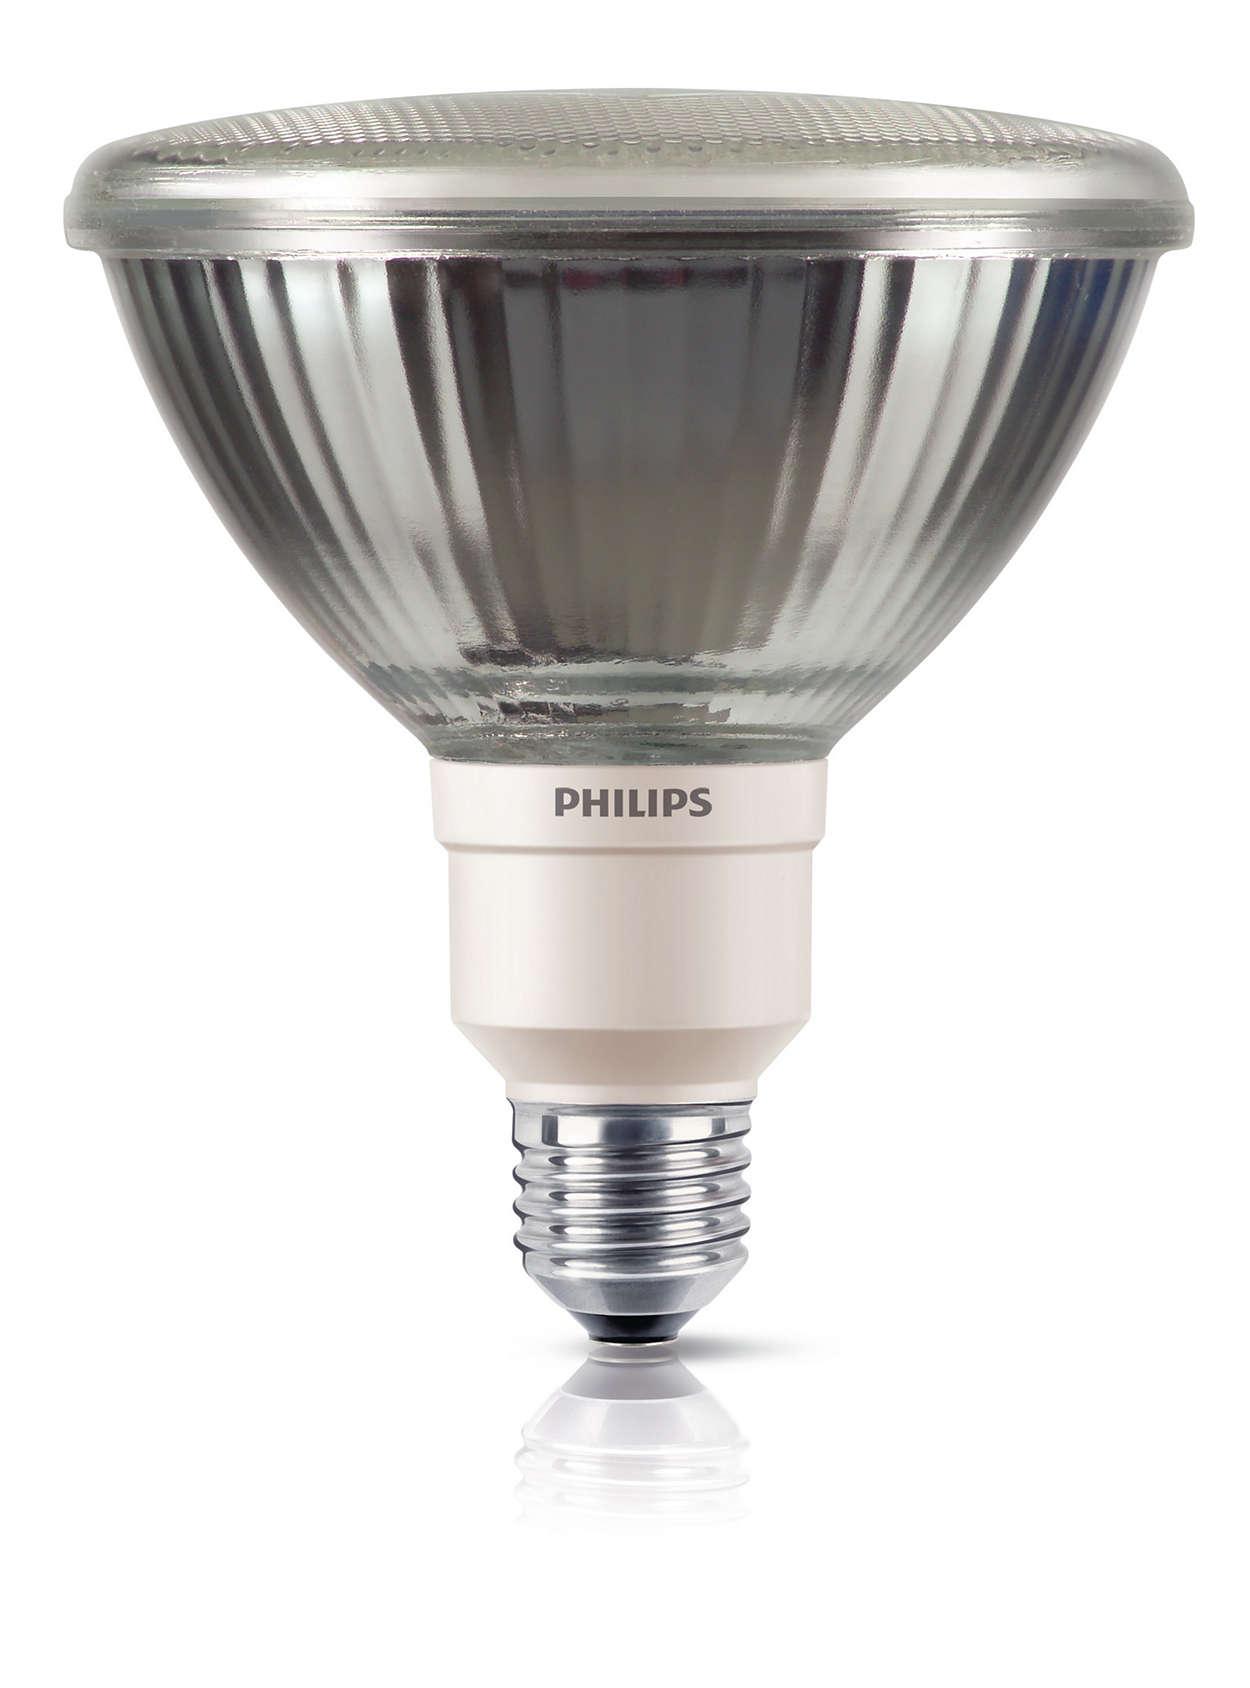 Spot lambada enerji tasarrufu